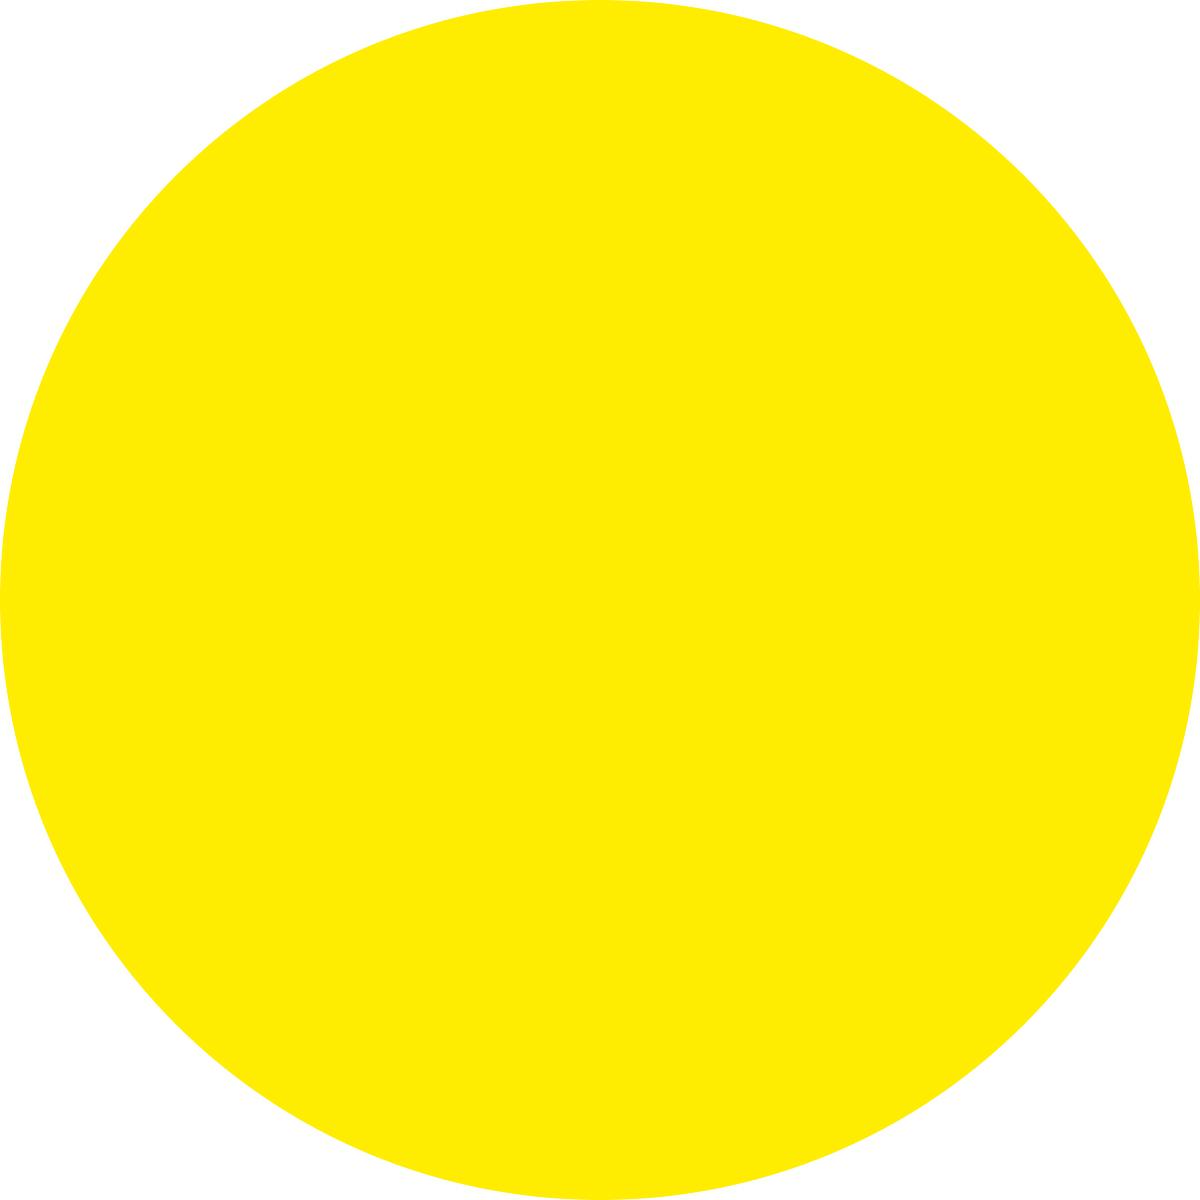 Наклейка информационная Оранжевый Слоник Желтый круг, для слабовидящих, 15 х 15 смINH002RGBИнформационные наклейки предназначены для предупреждения людей о непосредственной или возможной опасности, запрещения, предписания или разрешения определенных действий, а также для информации о расположении объектов и средств, использование которых исключает или снижает воздействие опасных и (или) вредных факторов.